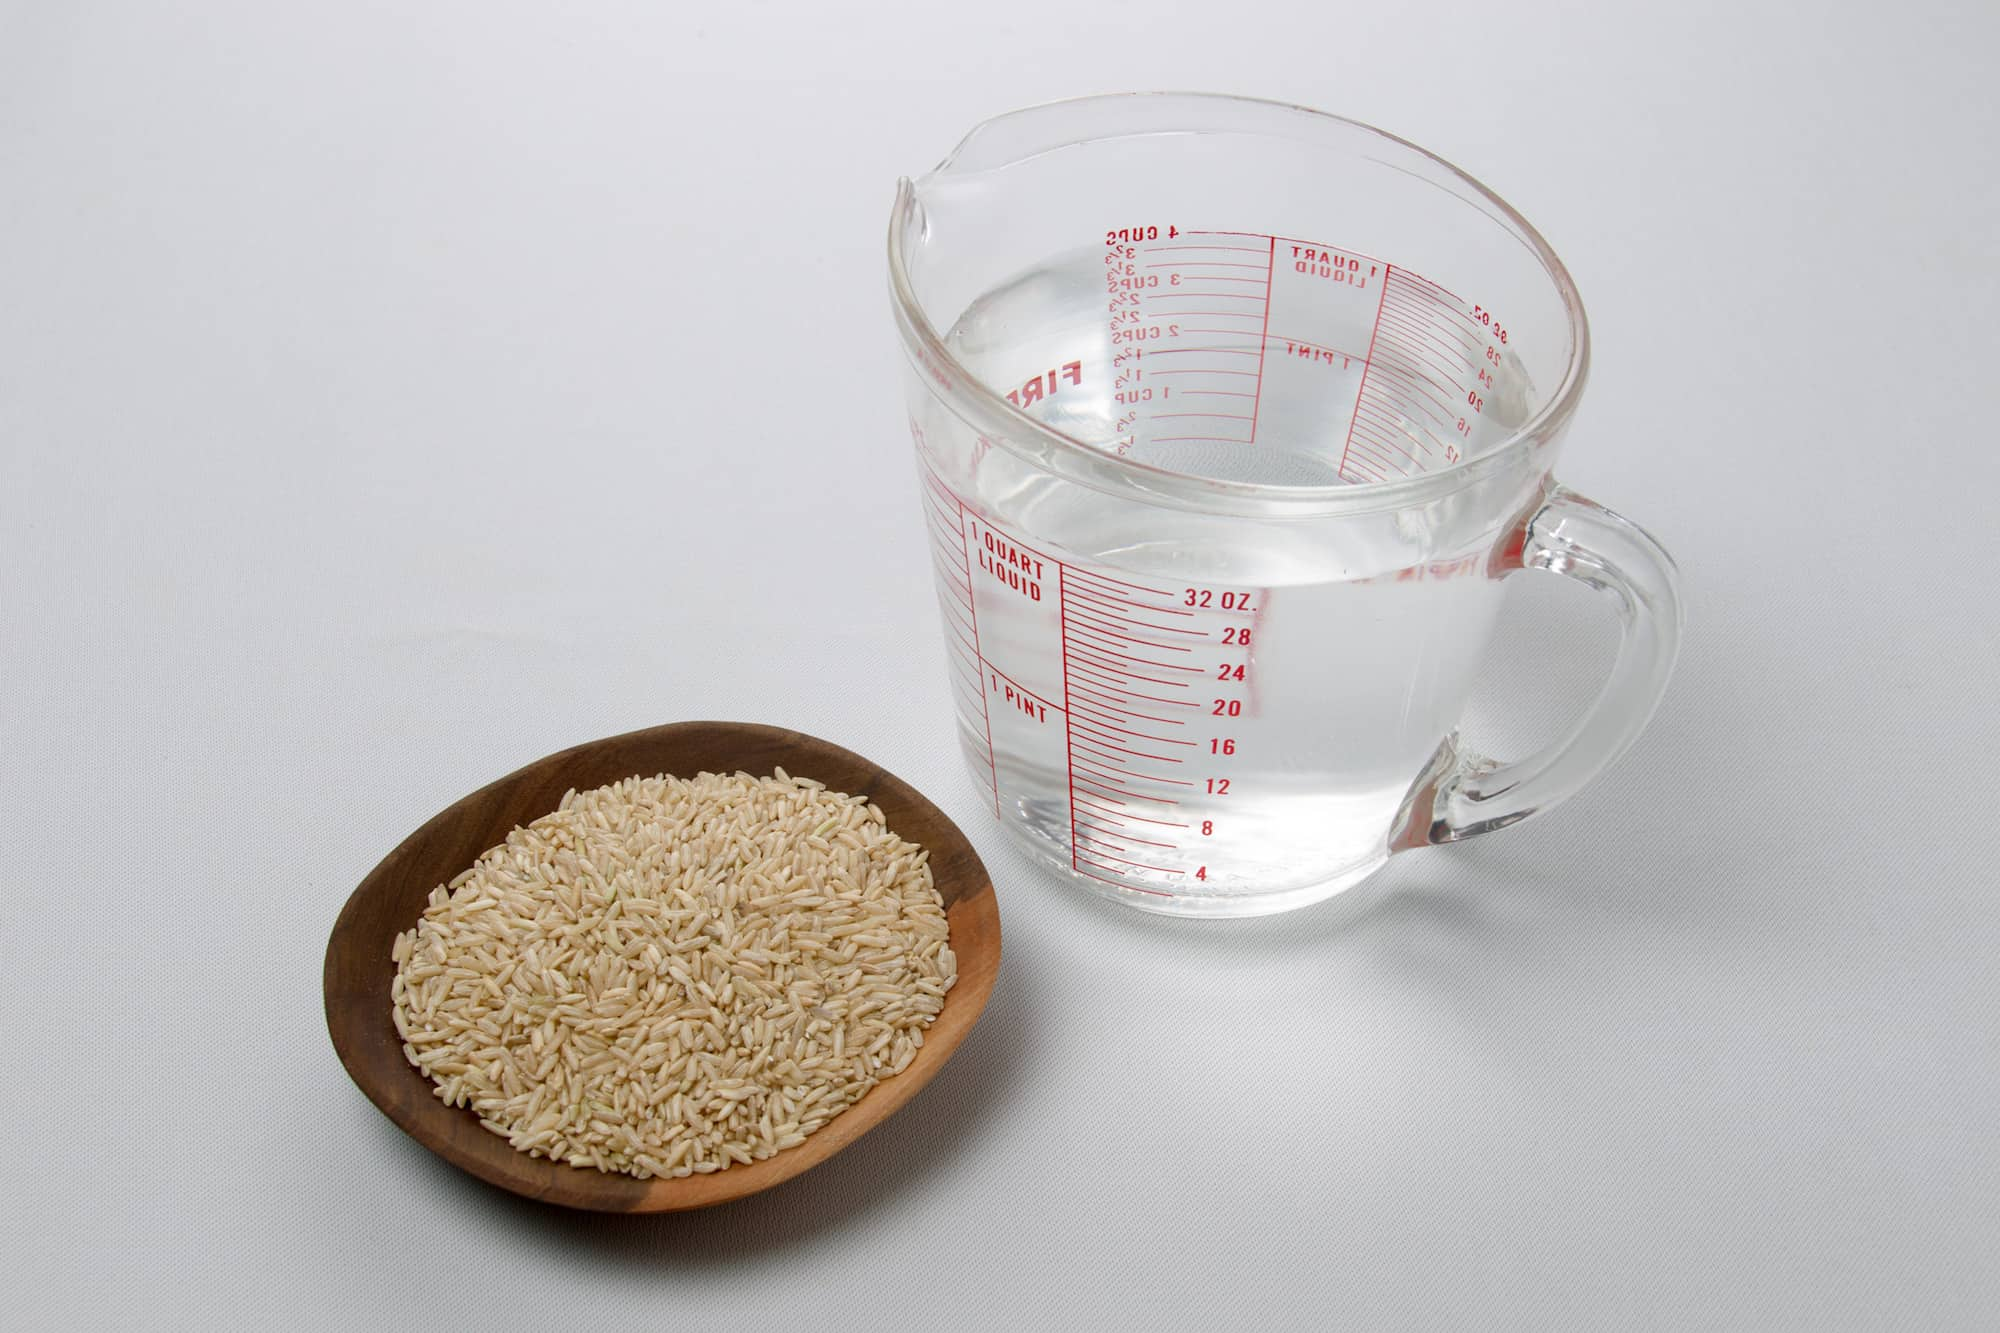 Receta de Arroz integral - ingredientes